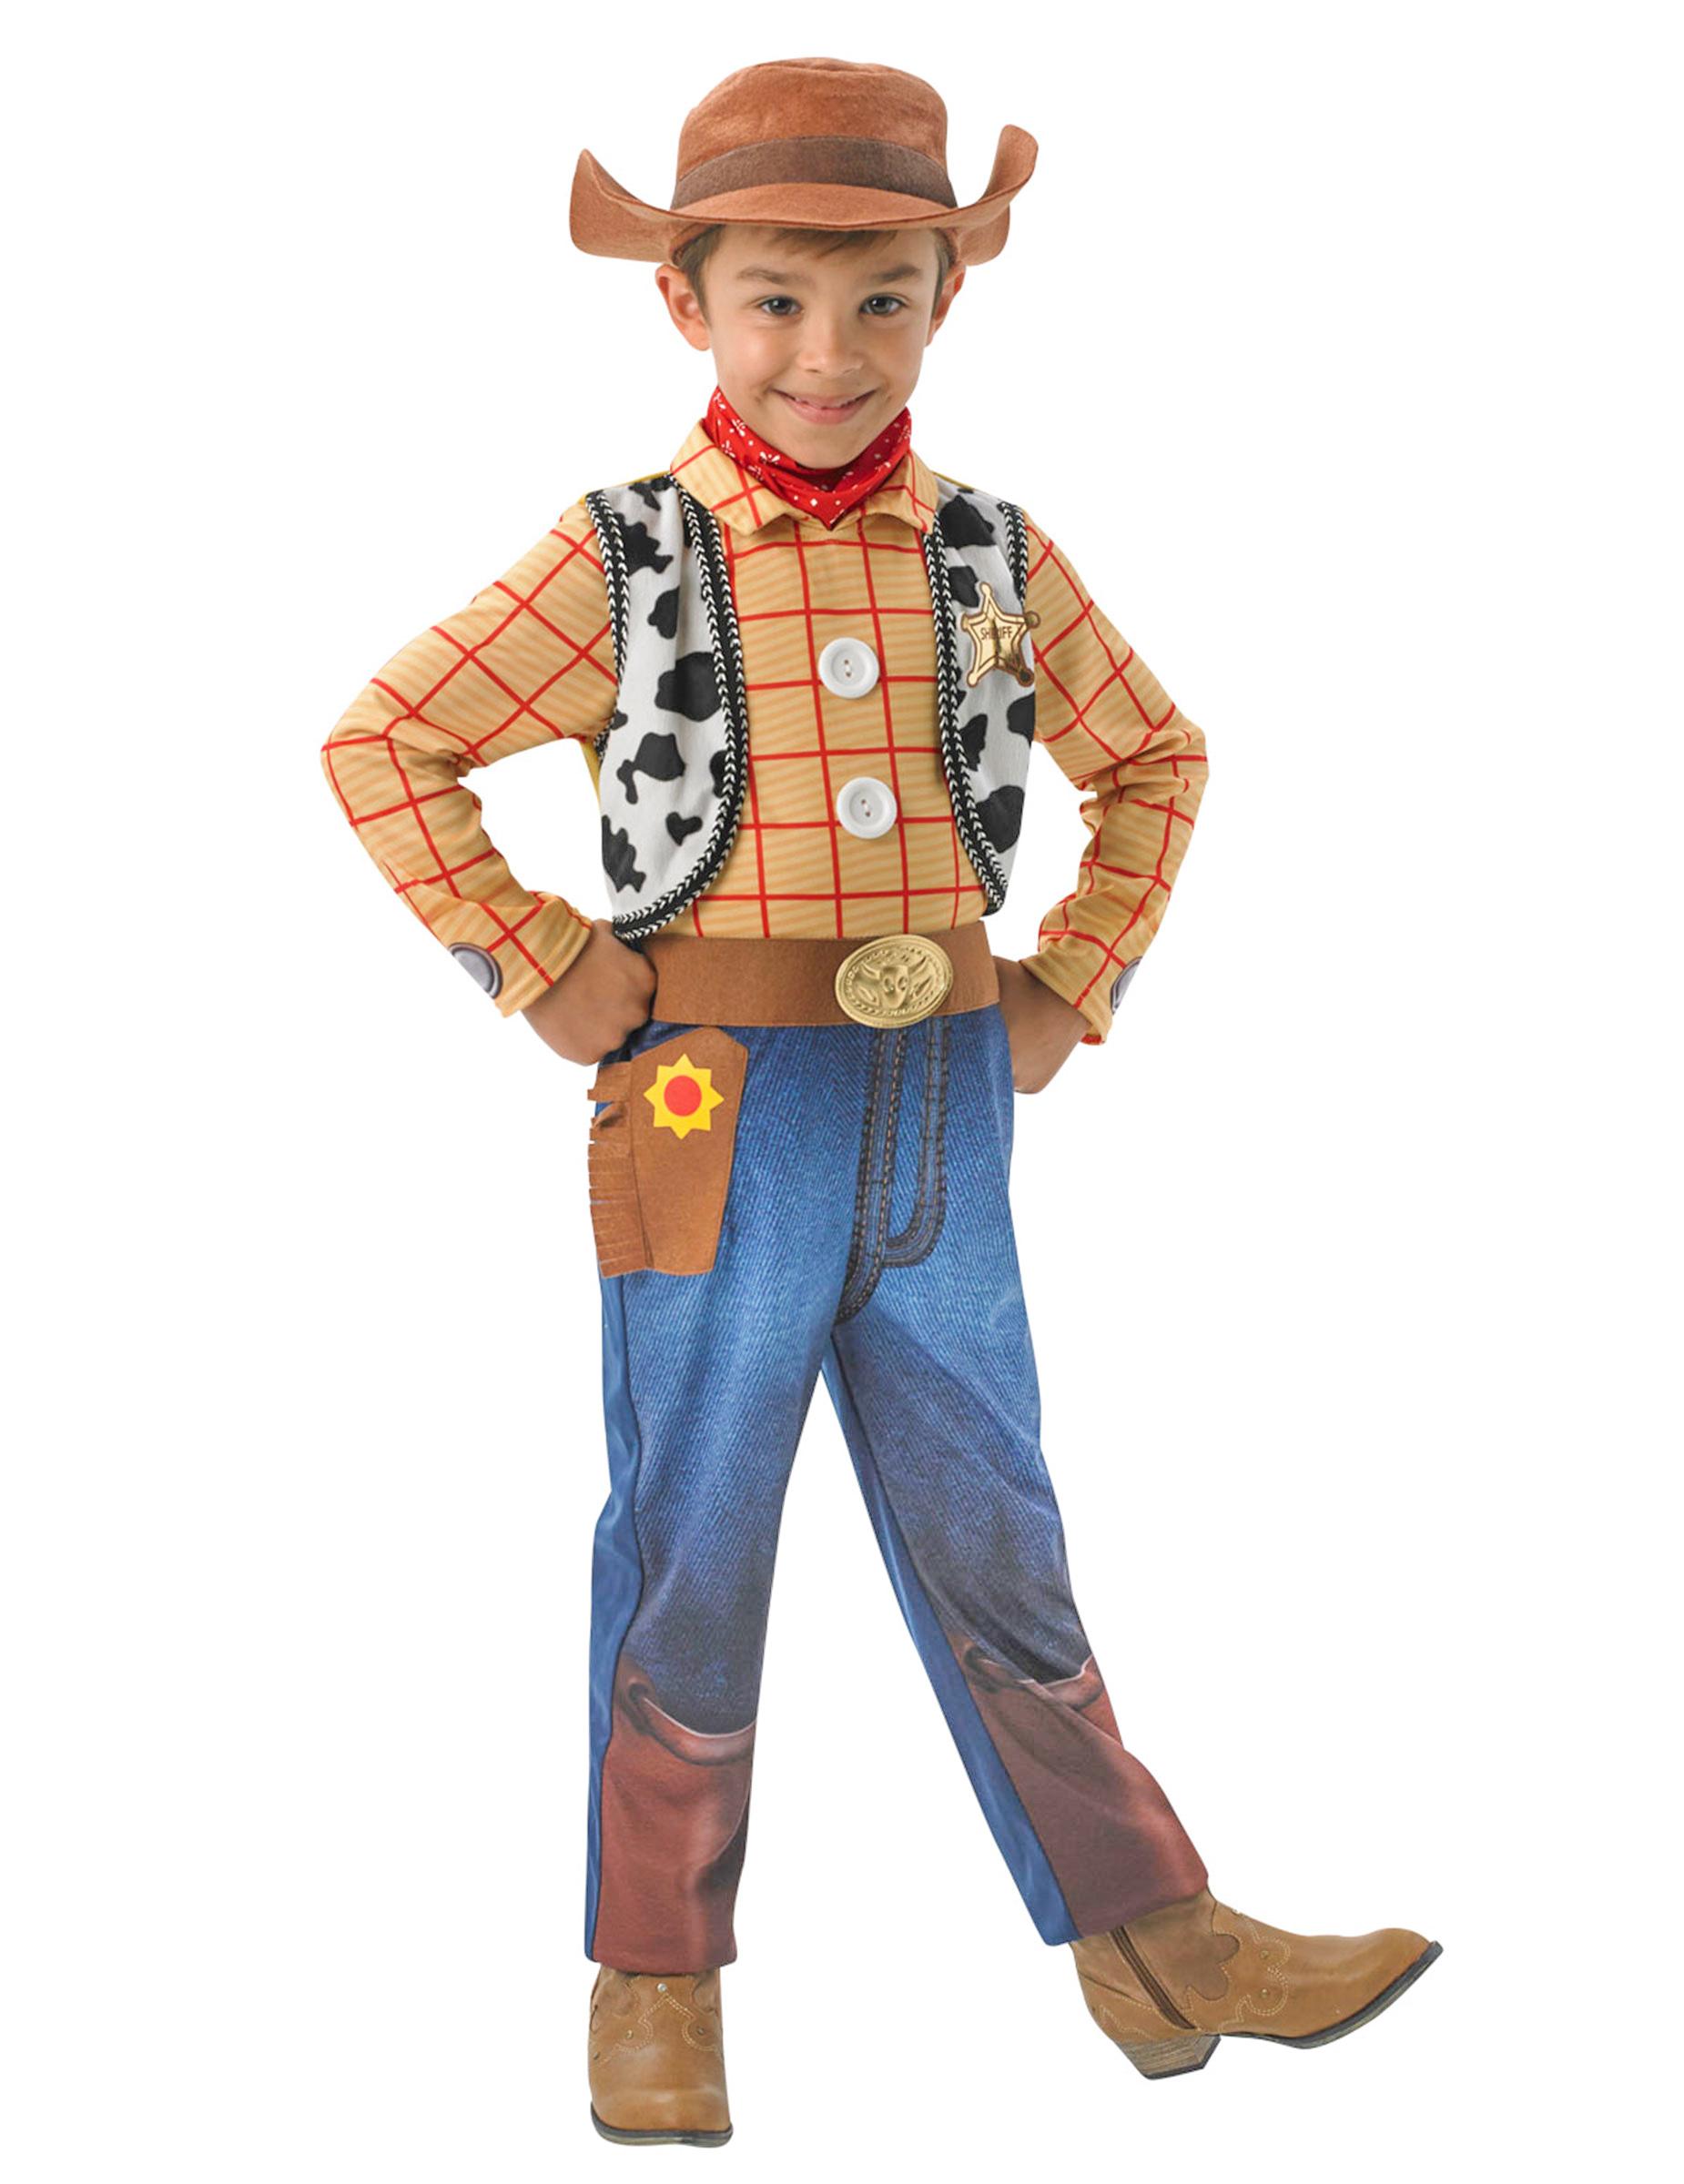 Vestiti Carnevale Toys Carnevale Bambini Toys Carnevale Vestiti Vestiti Bambini Bambini kiTPXOZu